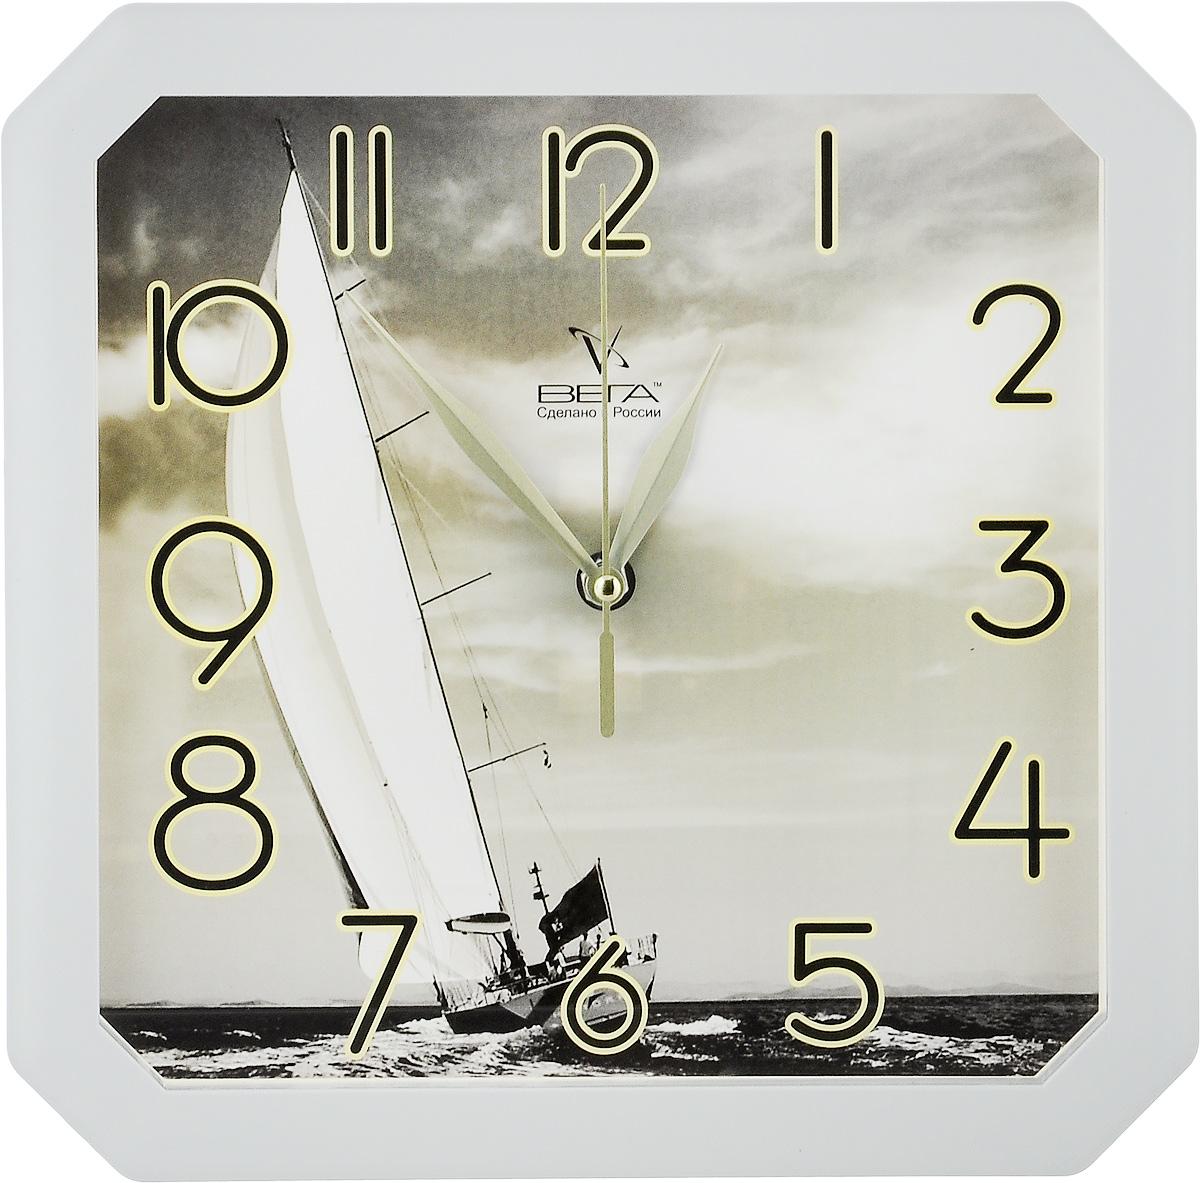 Часы настенные Вега Яхта, 28 х 28 х 4 см94672Настенные кварцевые часы Вега Яхта, изготовленные из пластика, прекрасно впишутся в интерьер вашего дома. Часы имеют три стрелки: часовую, минутную и секундную, циферблат защищен прозрачным стеклом. Часы работают от 1 батарейки типа АА напряжением 1,5 В (не входит в комплект).